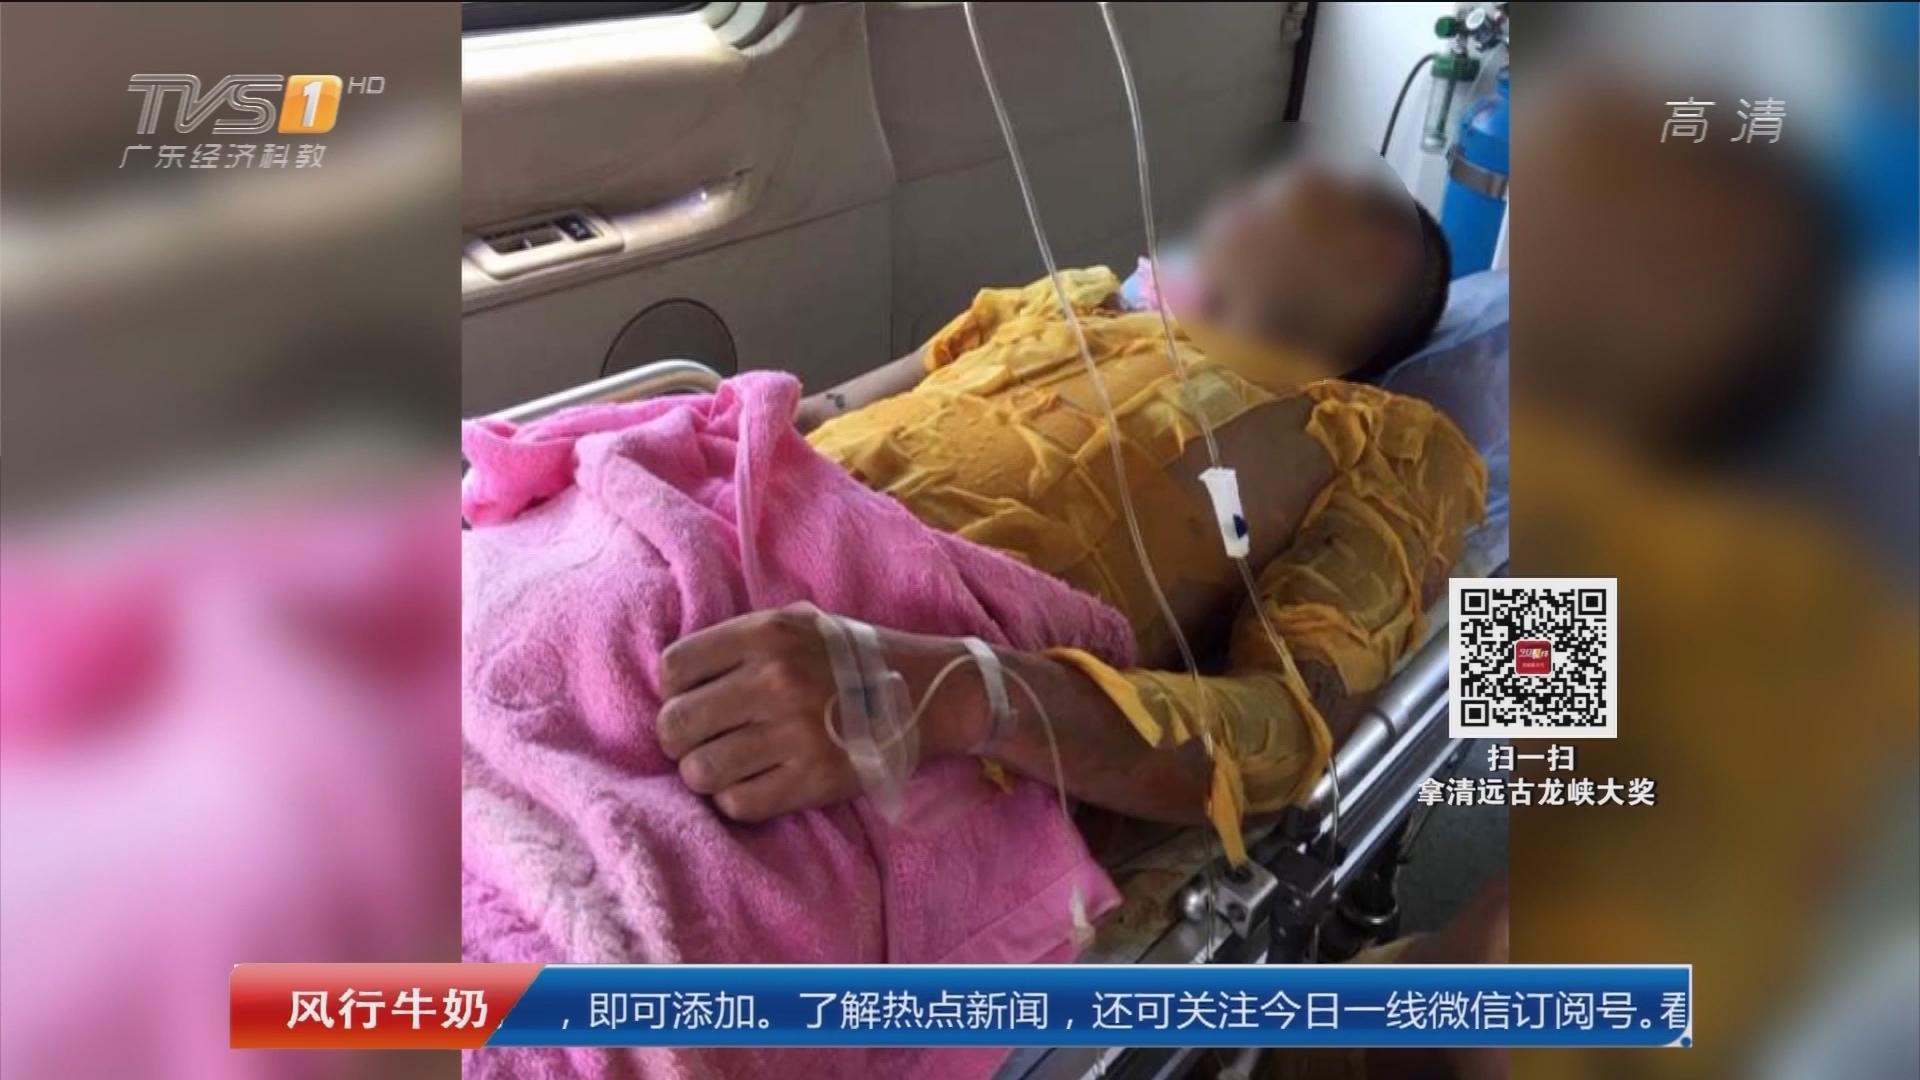 汕头潮南:村干部劝拆违 六人被泼酸灼伤